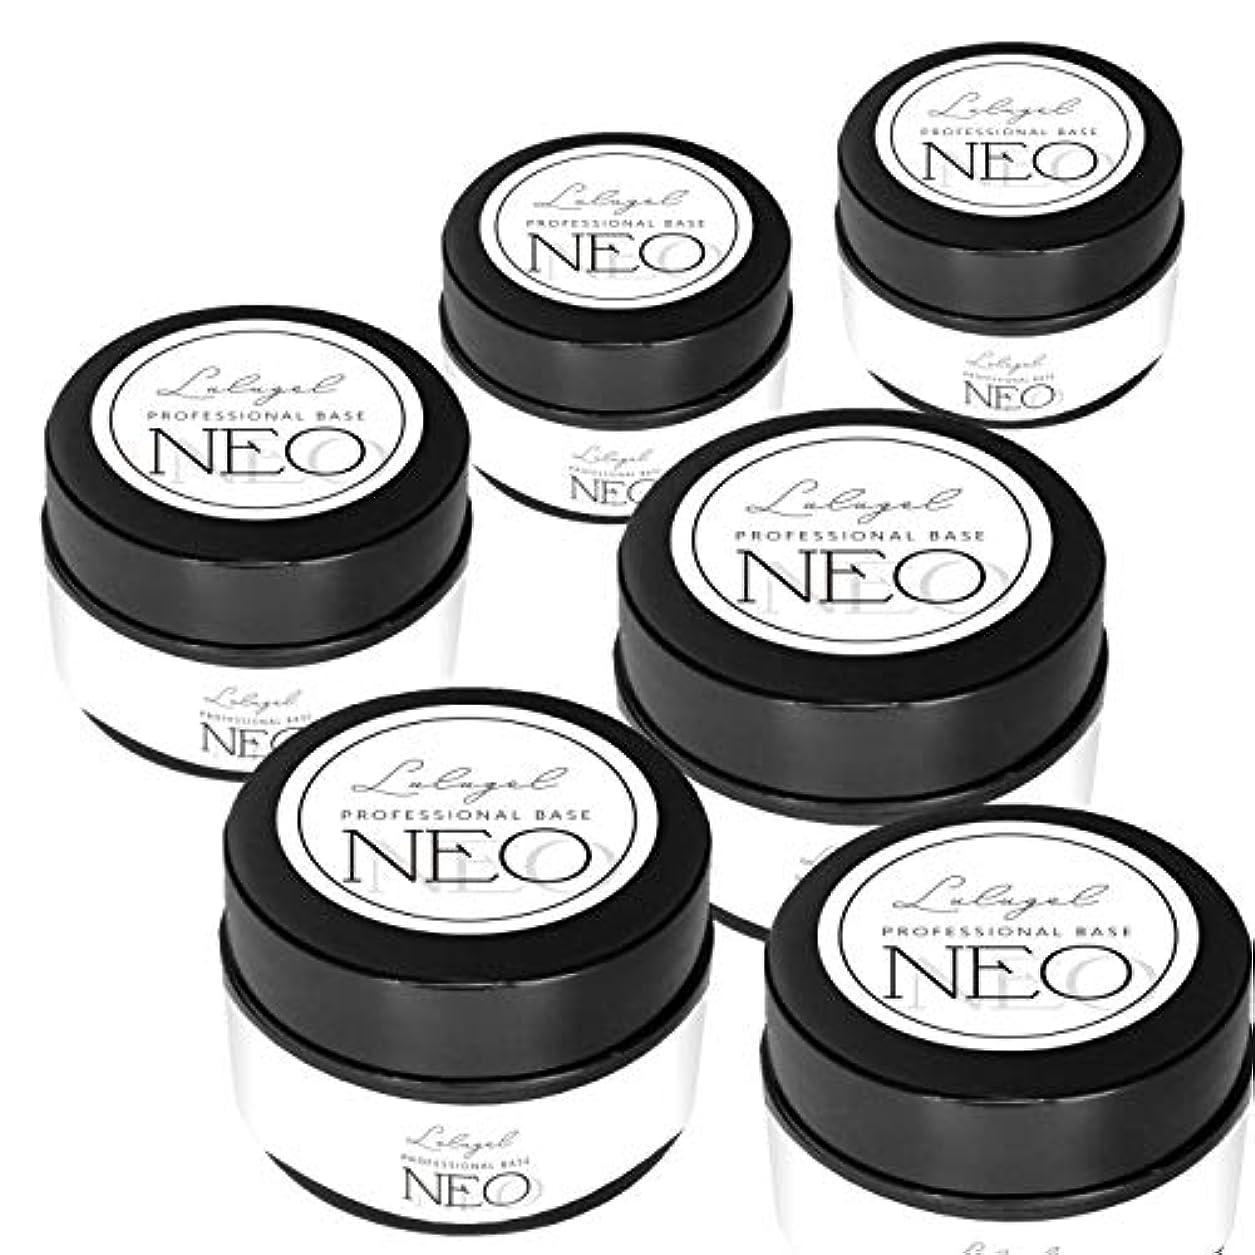 硬いスピンチキン最新 ジェルネイル LULUGEL NEO プロフェッショナル ベース 15g 爪用化粧料 (6個)